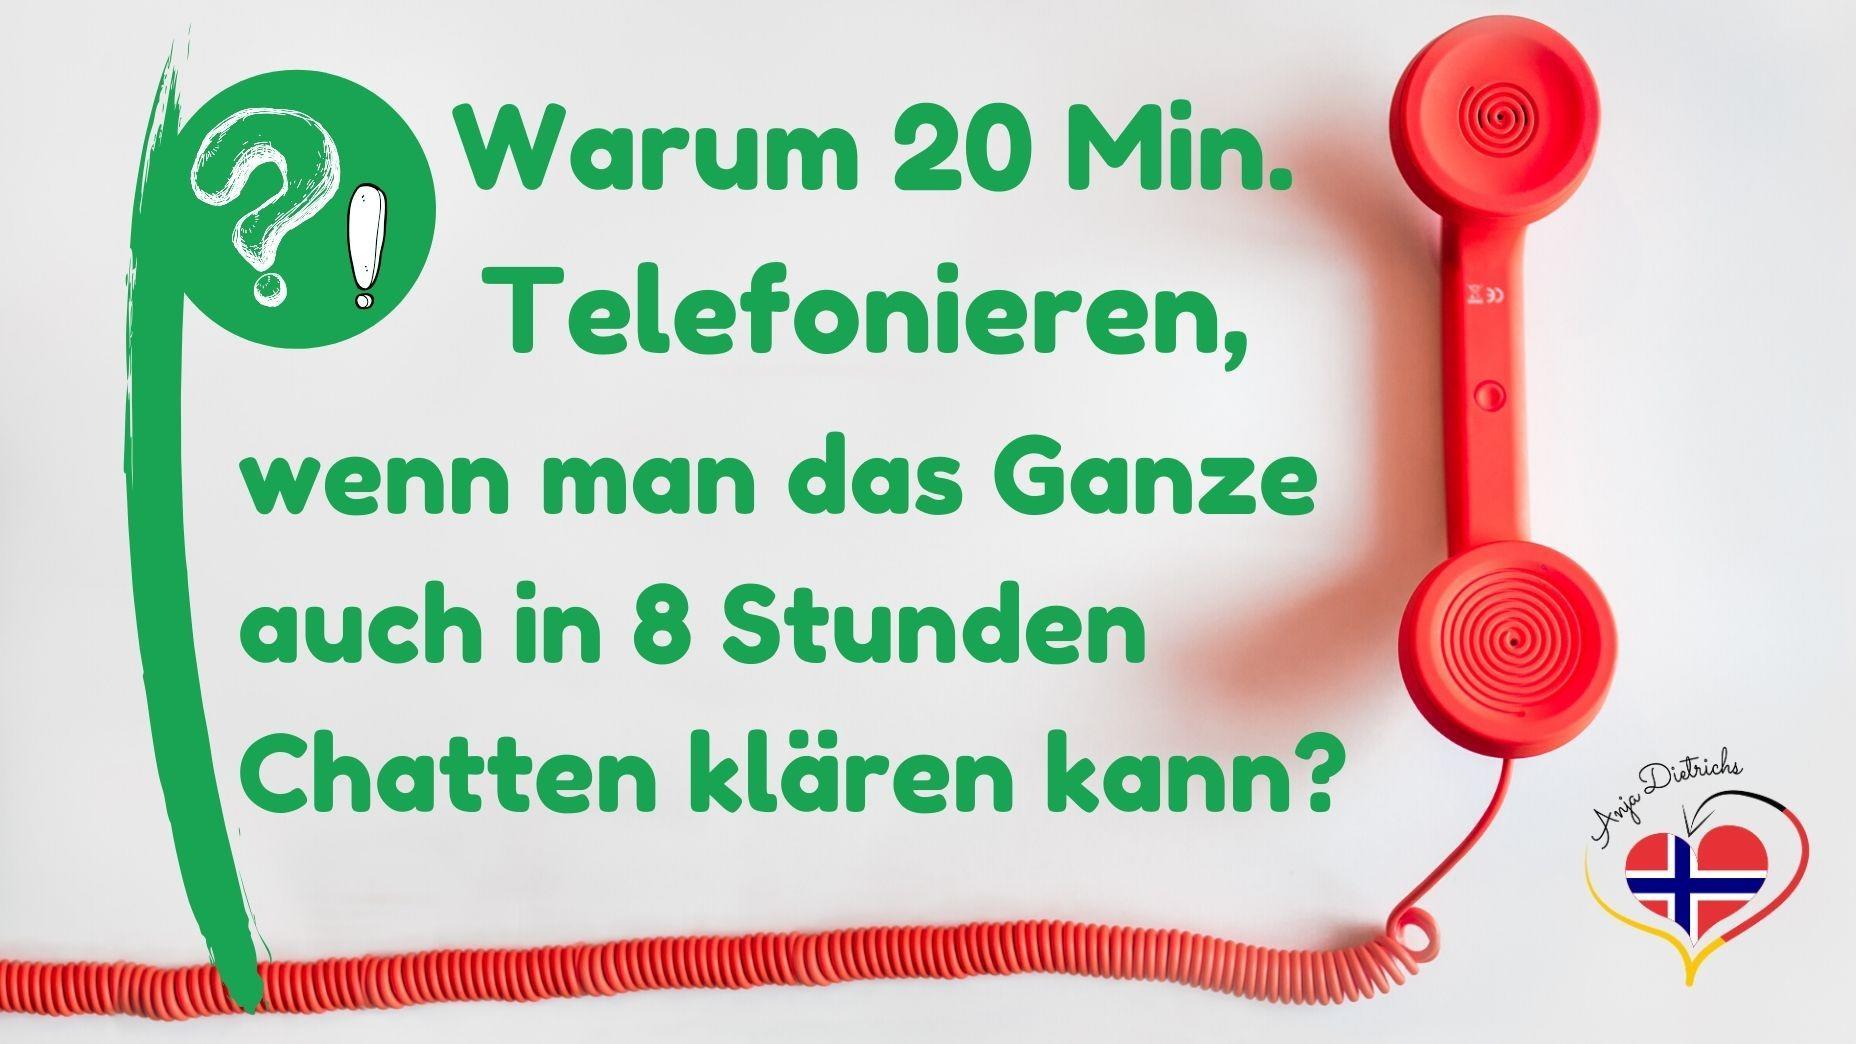 Warum 20 Minuten telefonieren, wenn man das Ganze auch in 8 Stunden Chatten klären kann?!